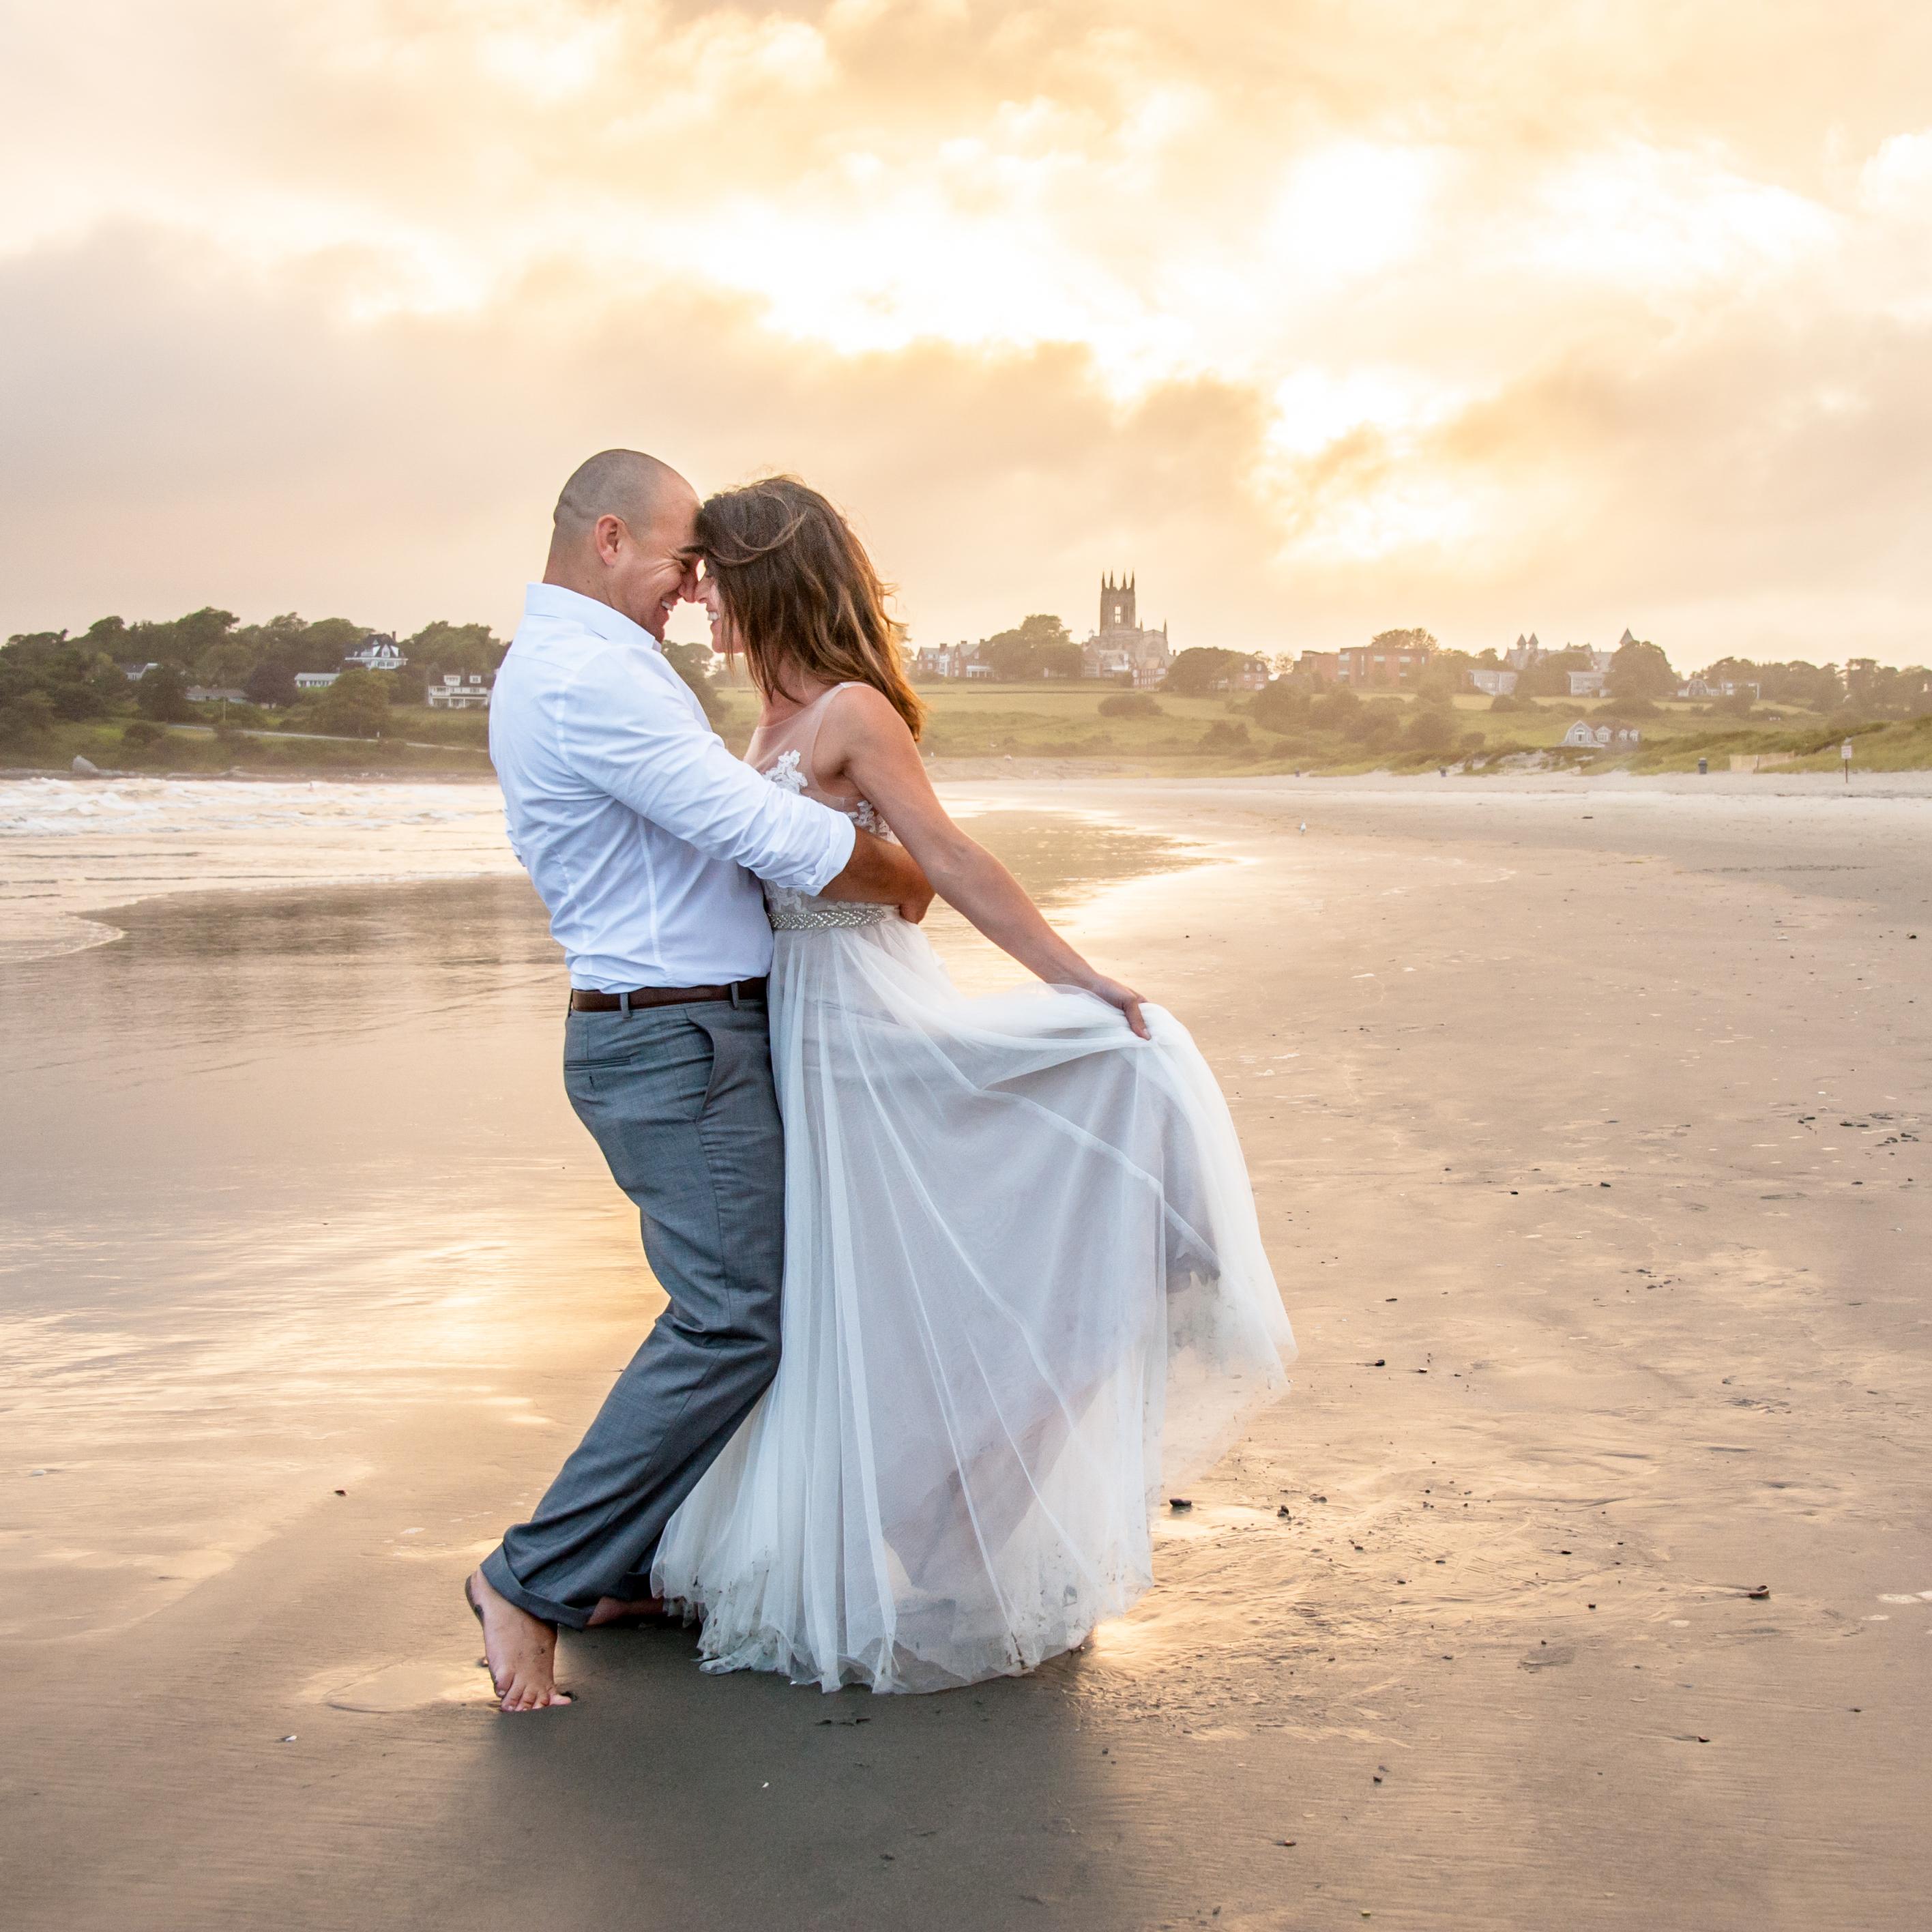 Rhode Island Wedding Photography: Rhode Island Elopement Packages